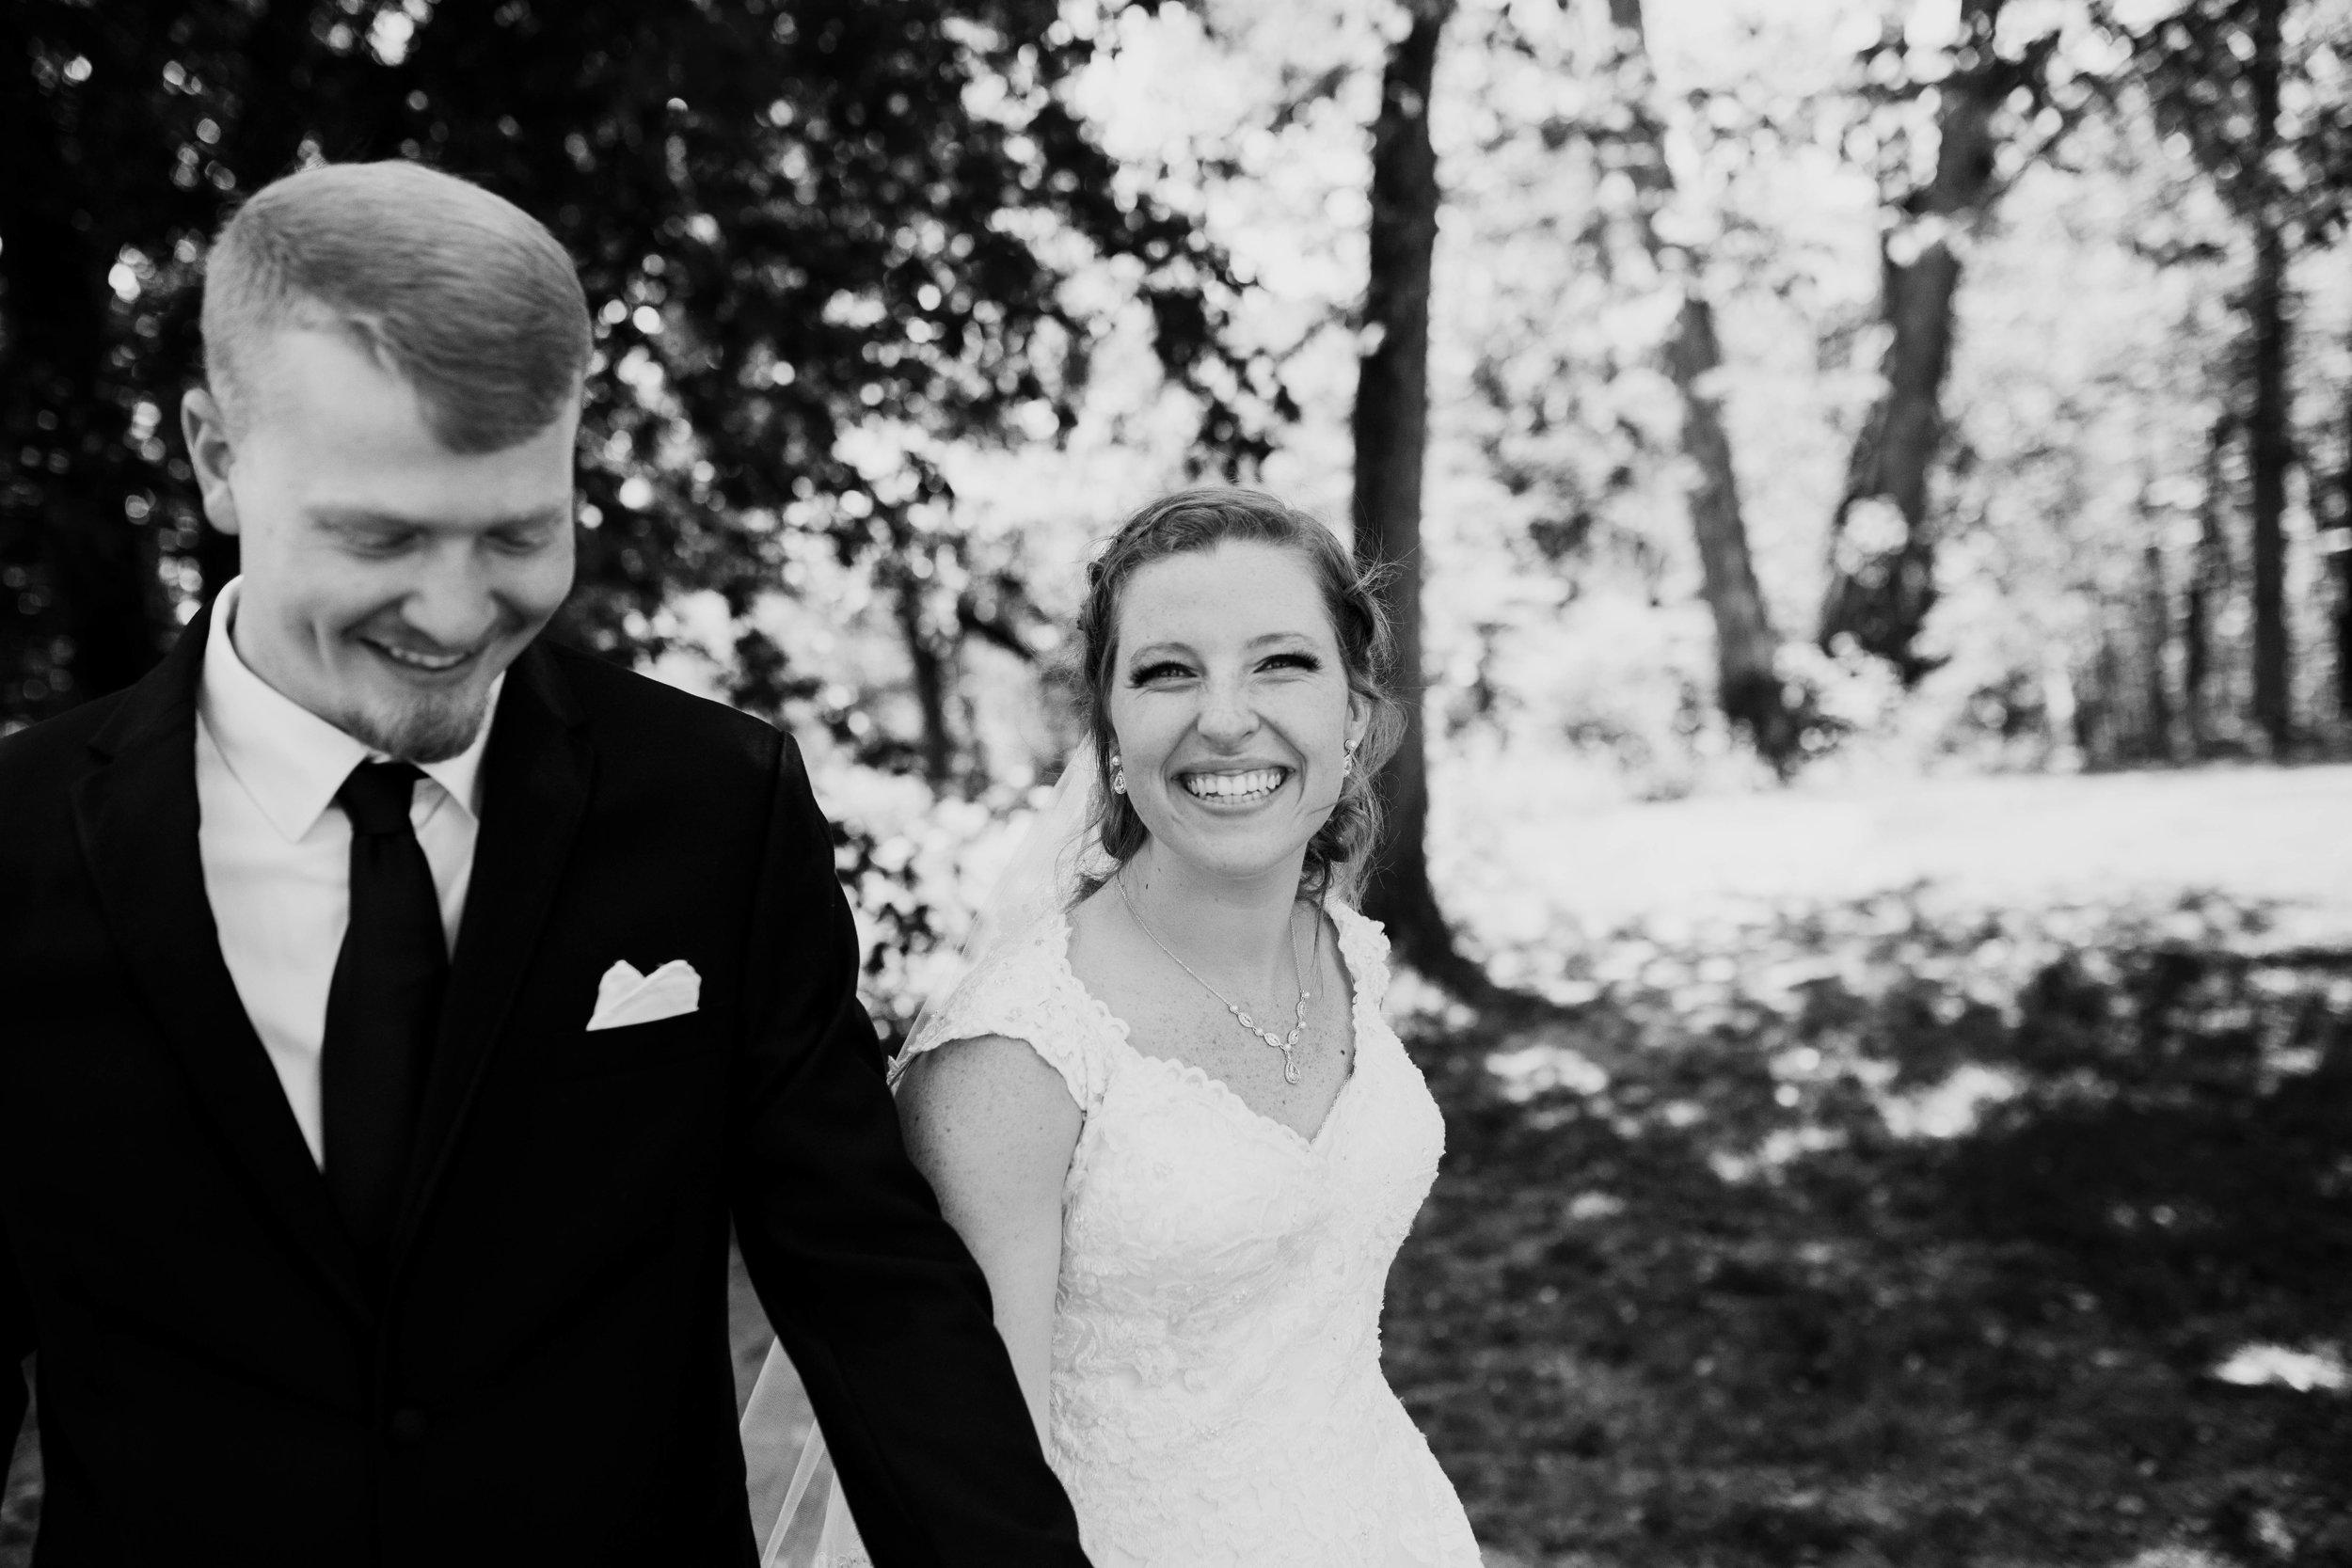 roberts bride & groom-61.jpg